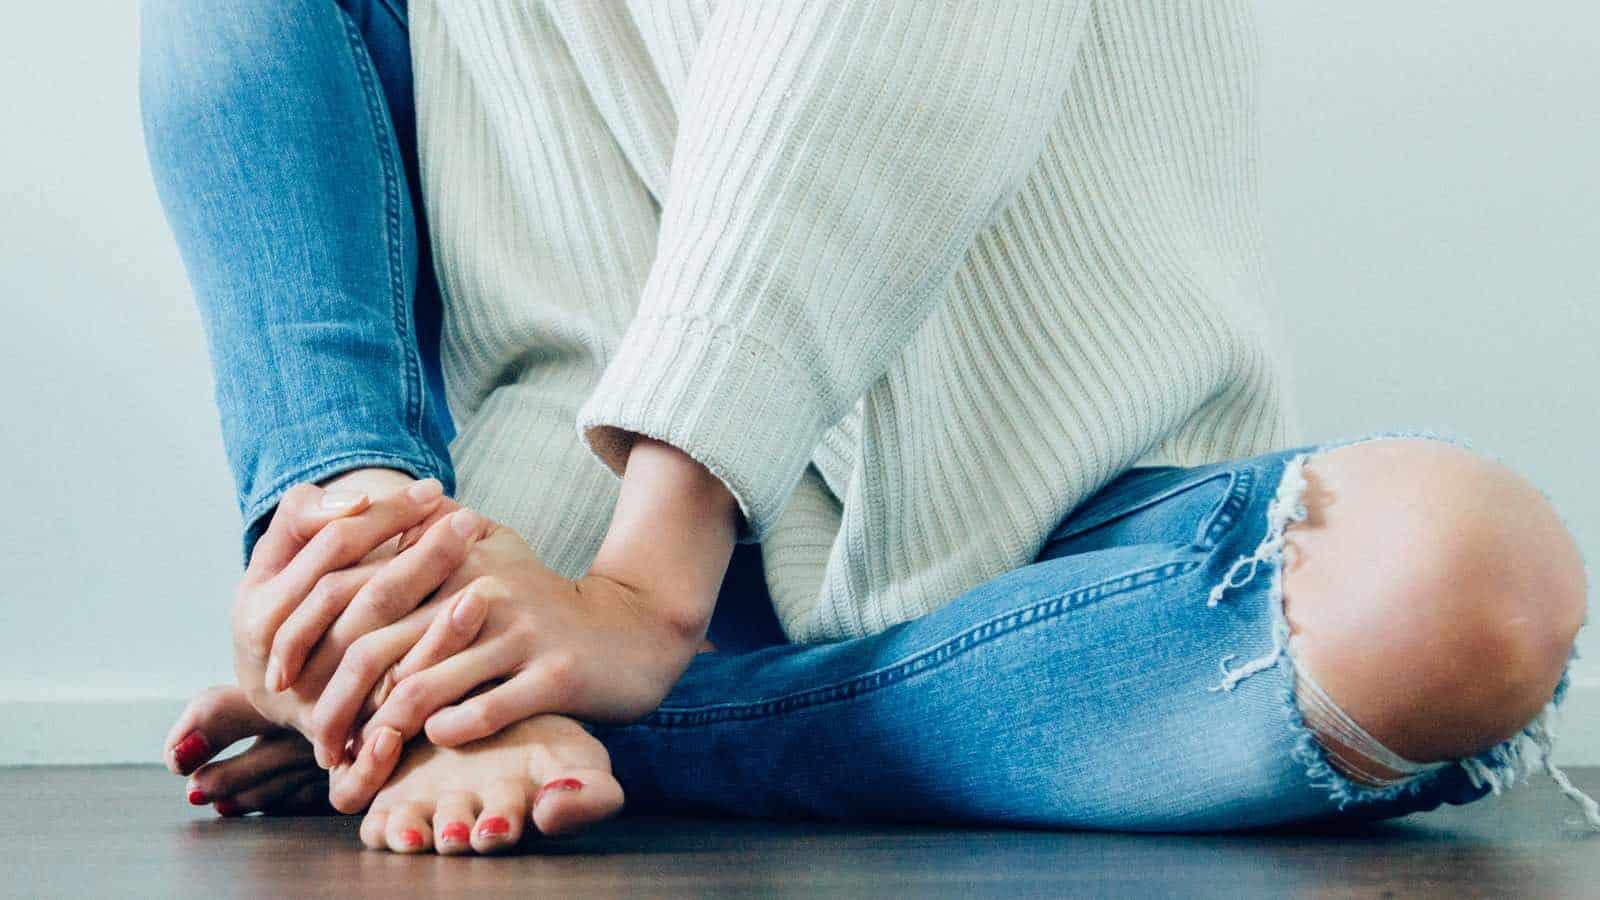 Nagelpilz- Was hilft wirklich gegen Pilzinfektionen?